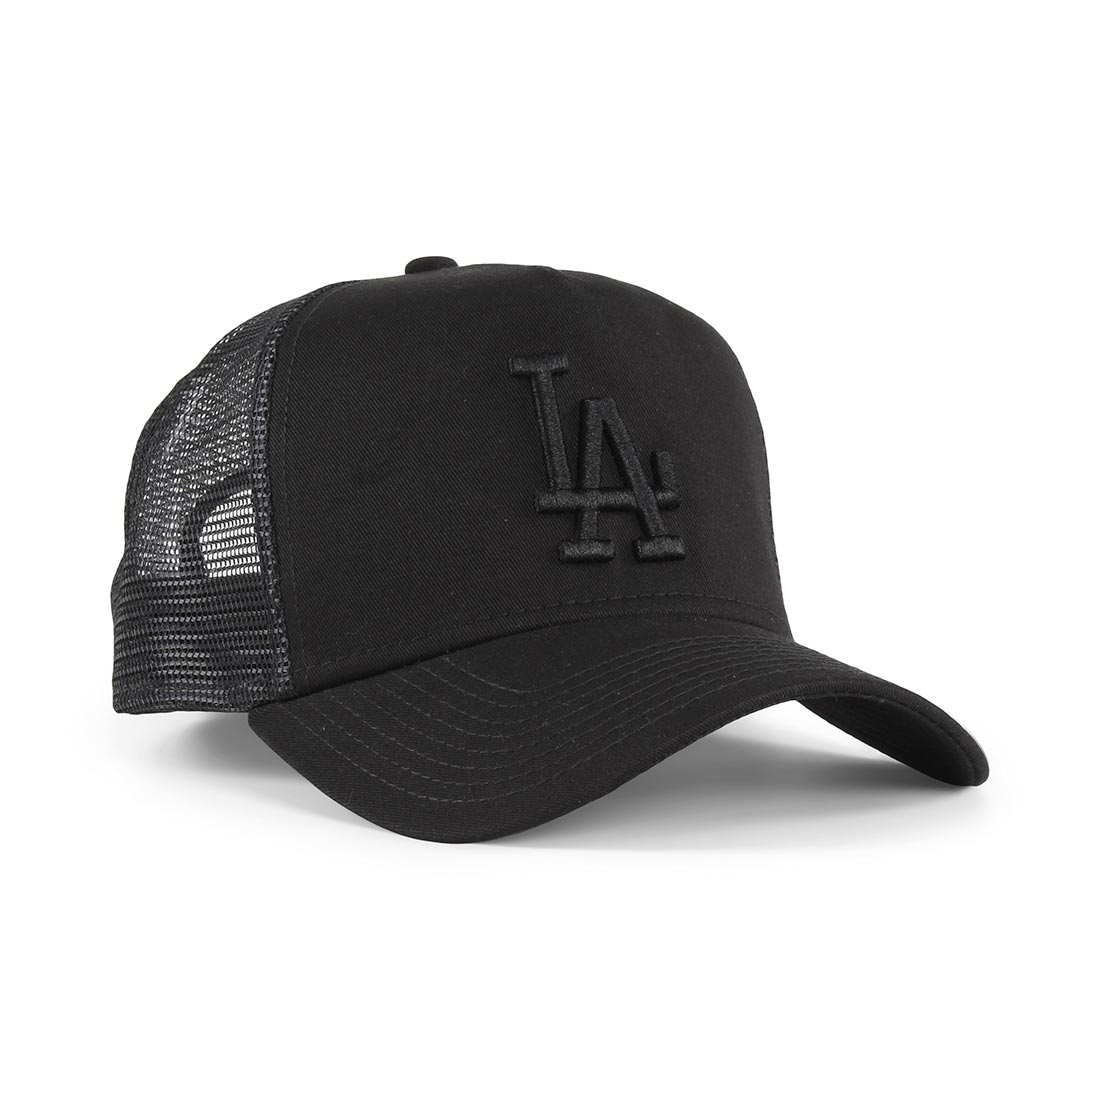 acb2fd2e6b8e6c New Era LA Dodgers League Essentials Trucker Cap – Black / Black